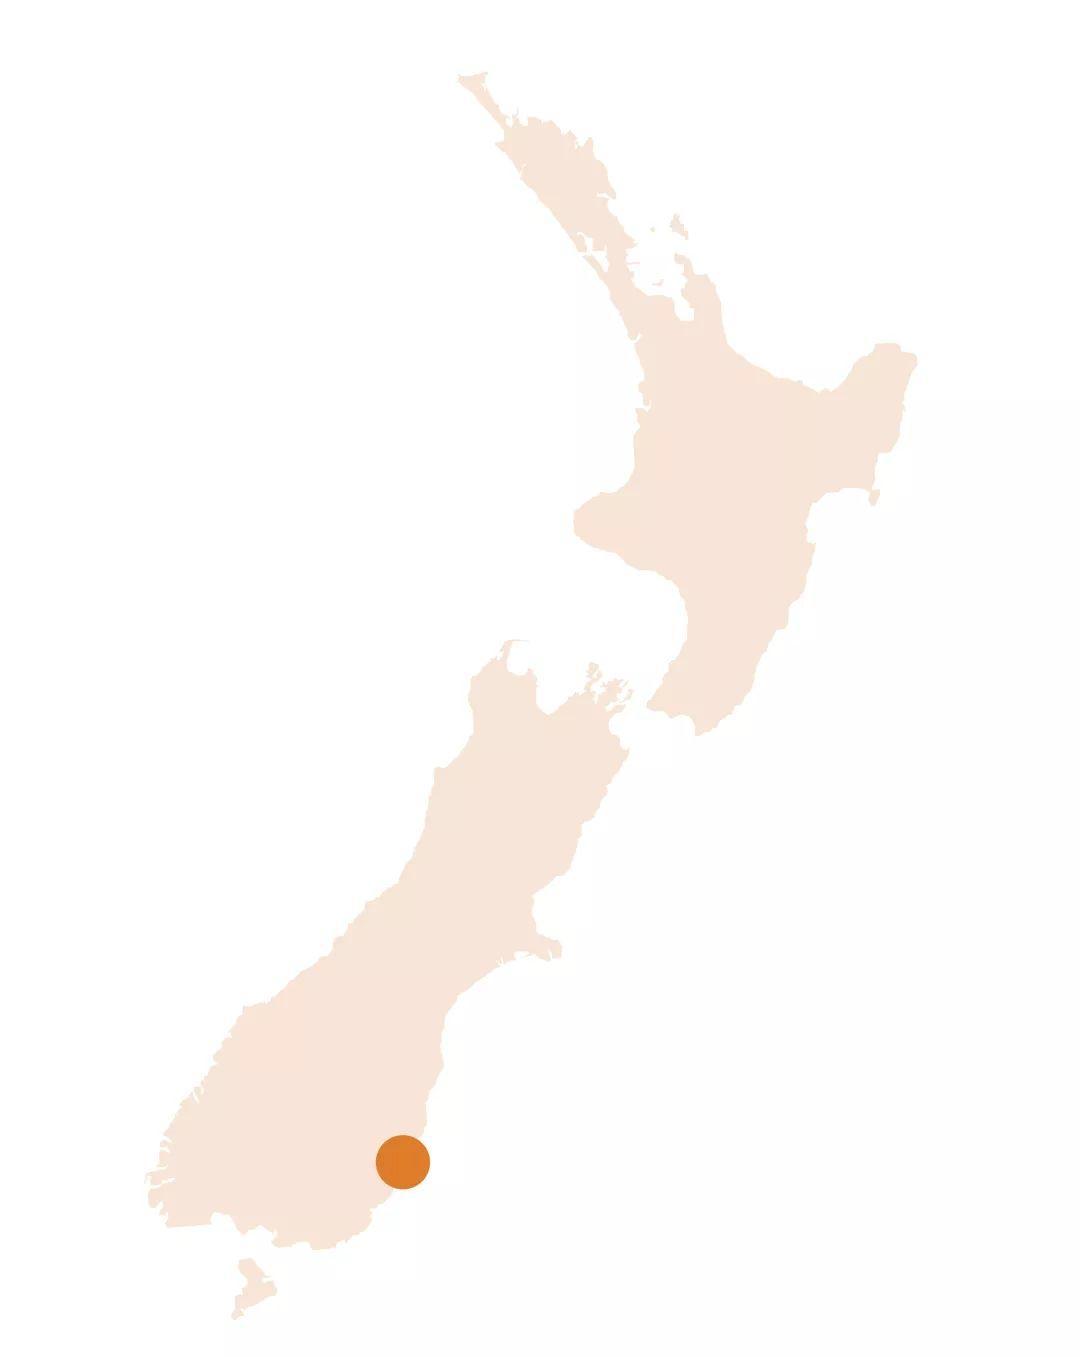 新西兰周末集市,体验一站式吃喝玩乐